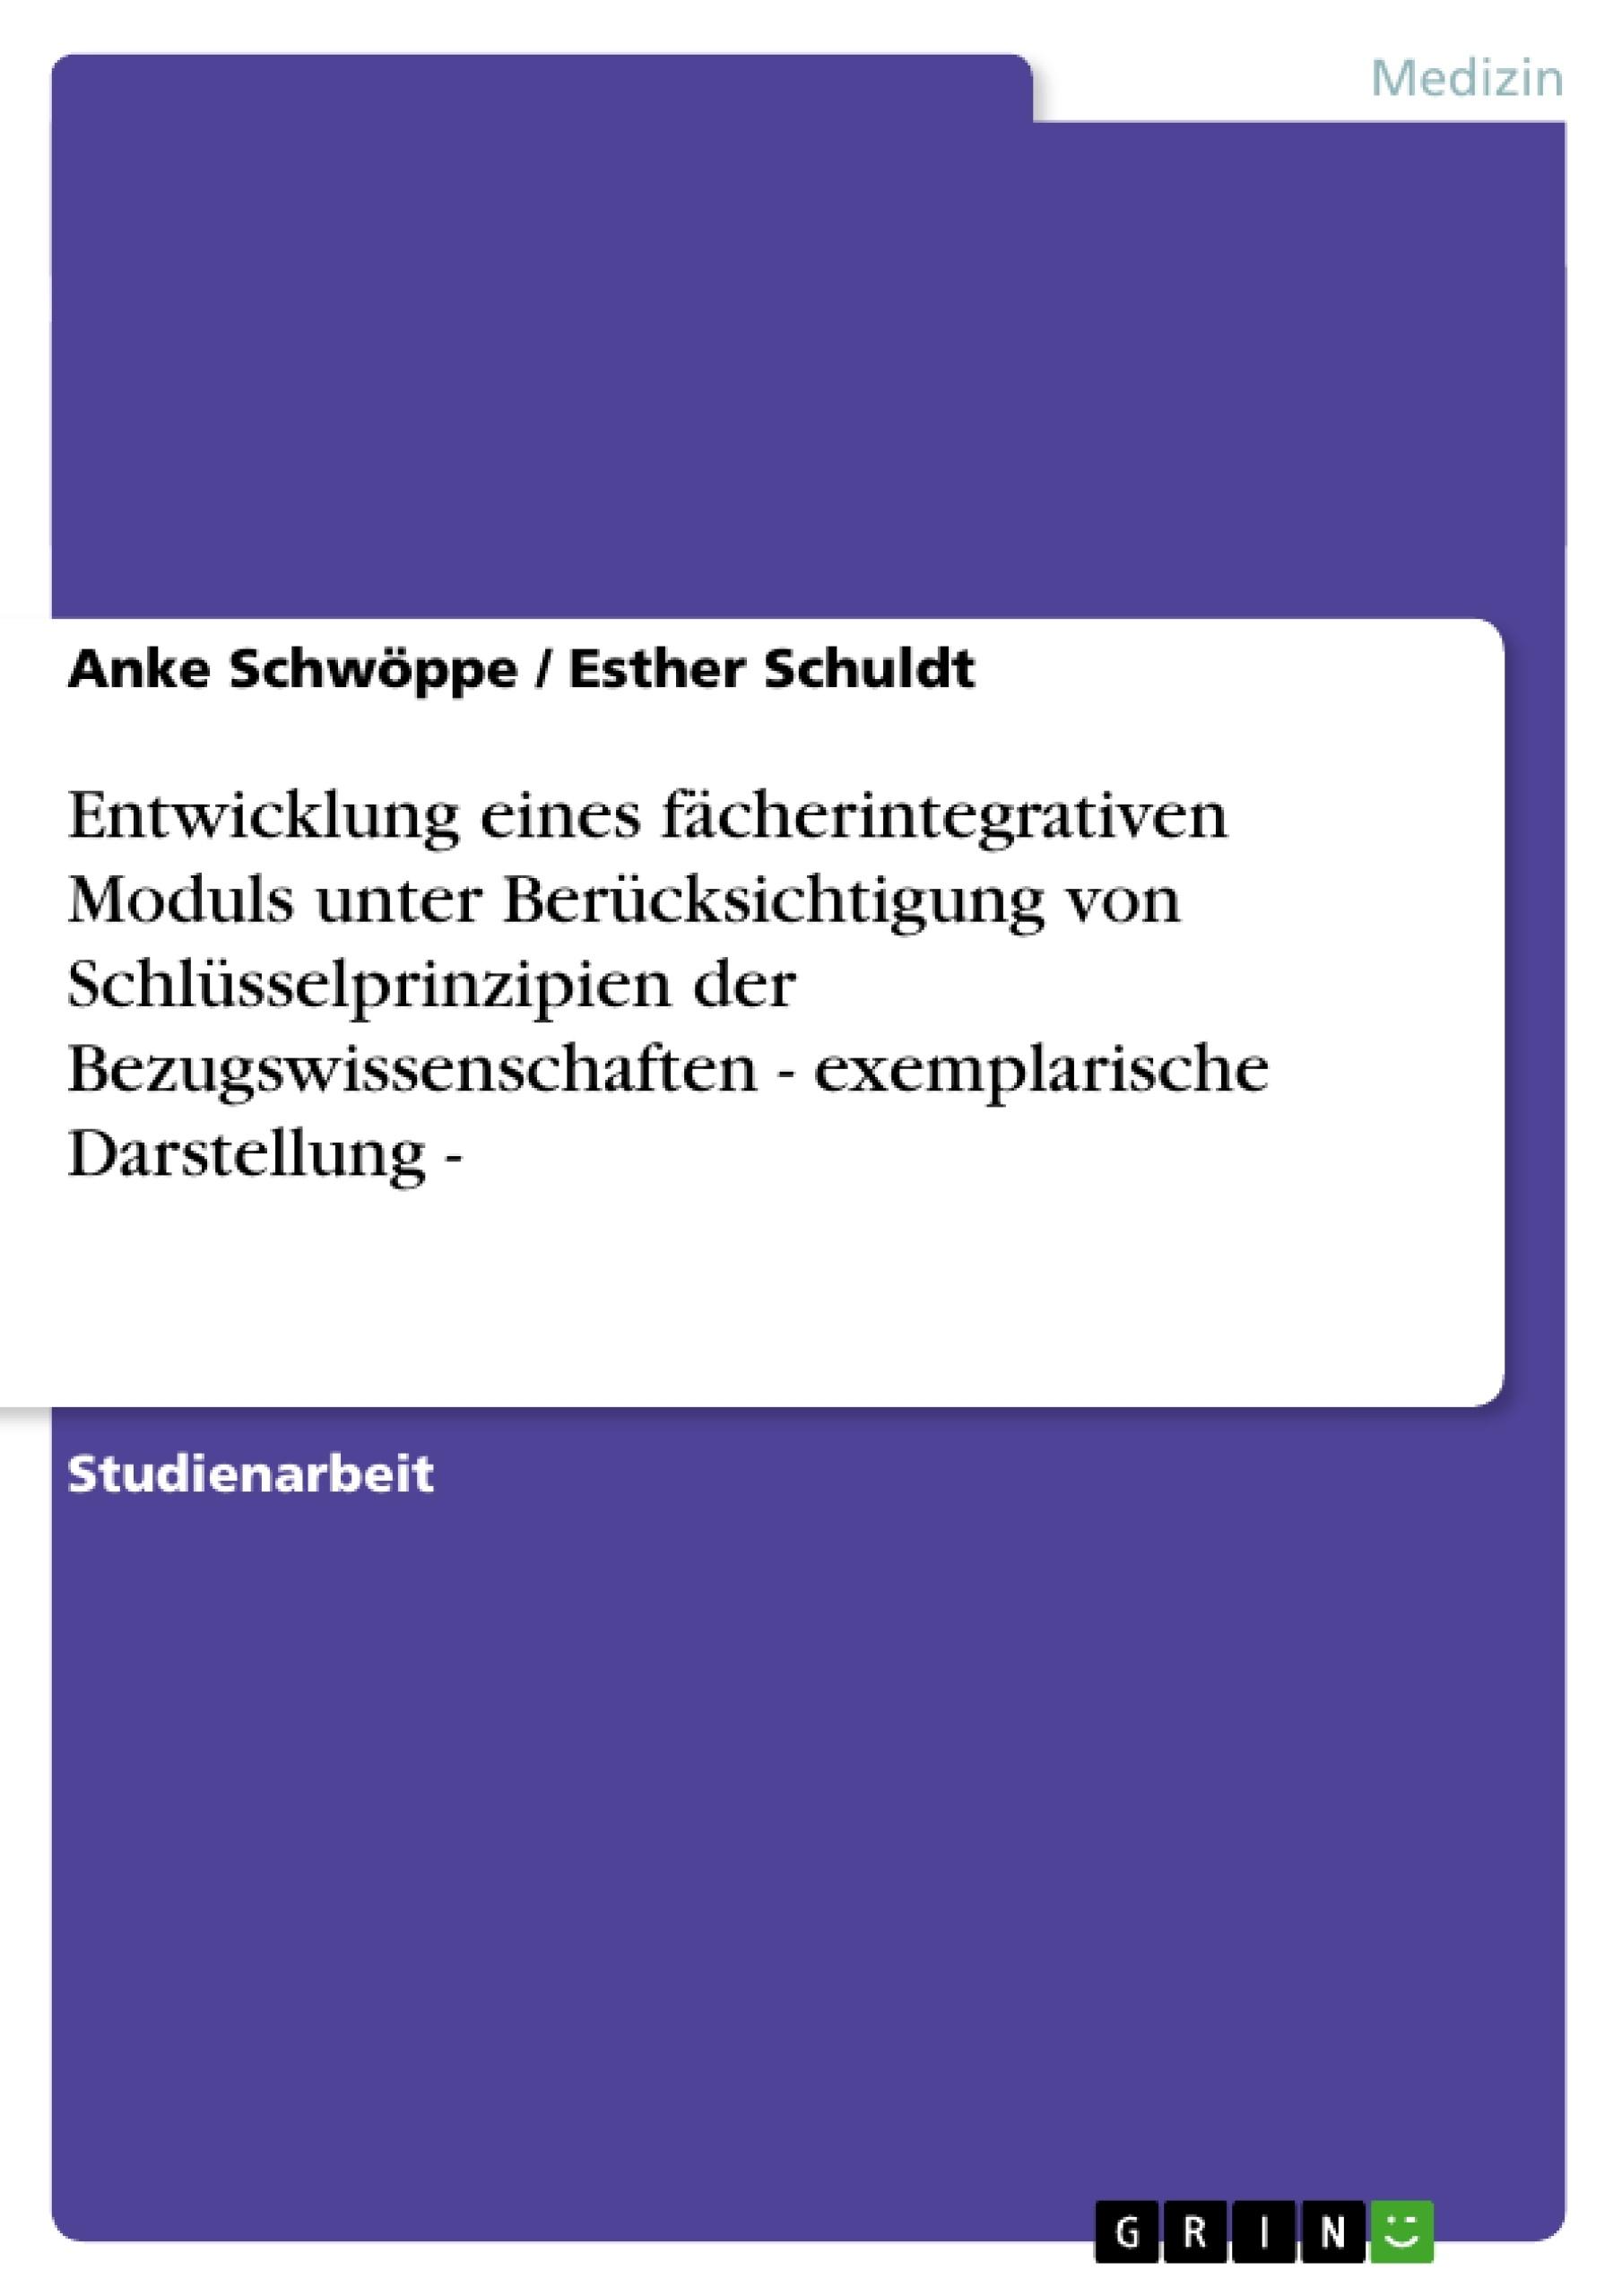 Titel: Entwicklung eines fächerintegrativen Moduls unter Berücksichtigung von Schlüsselprinzipien der Bezugswissenschaften - exemplarische Darstellung -